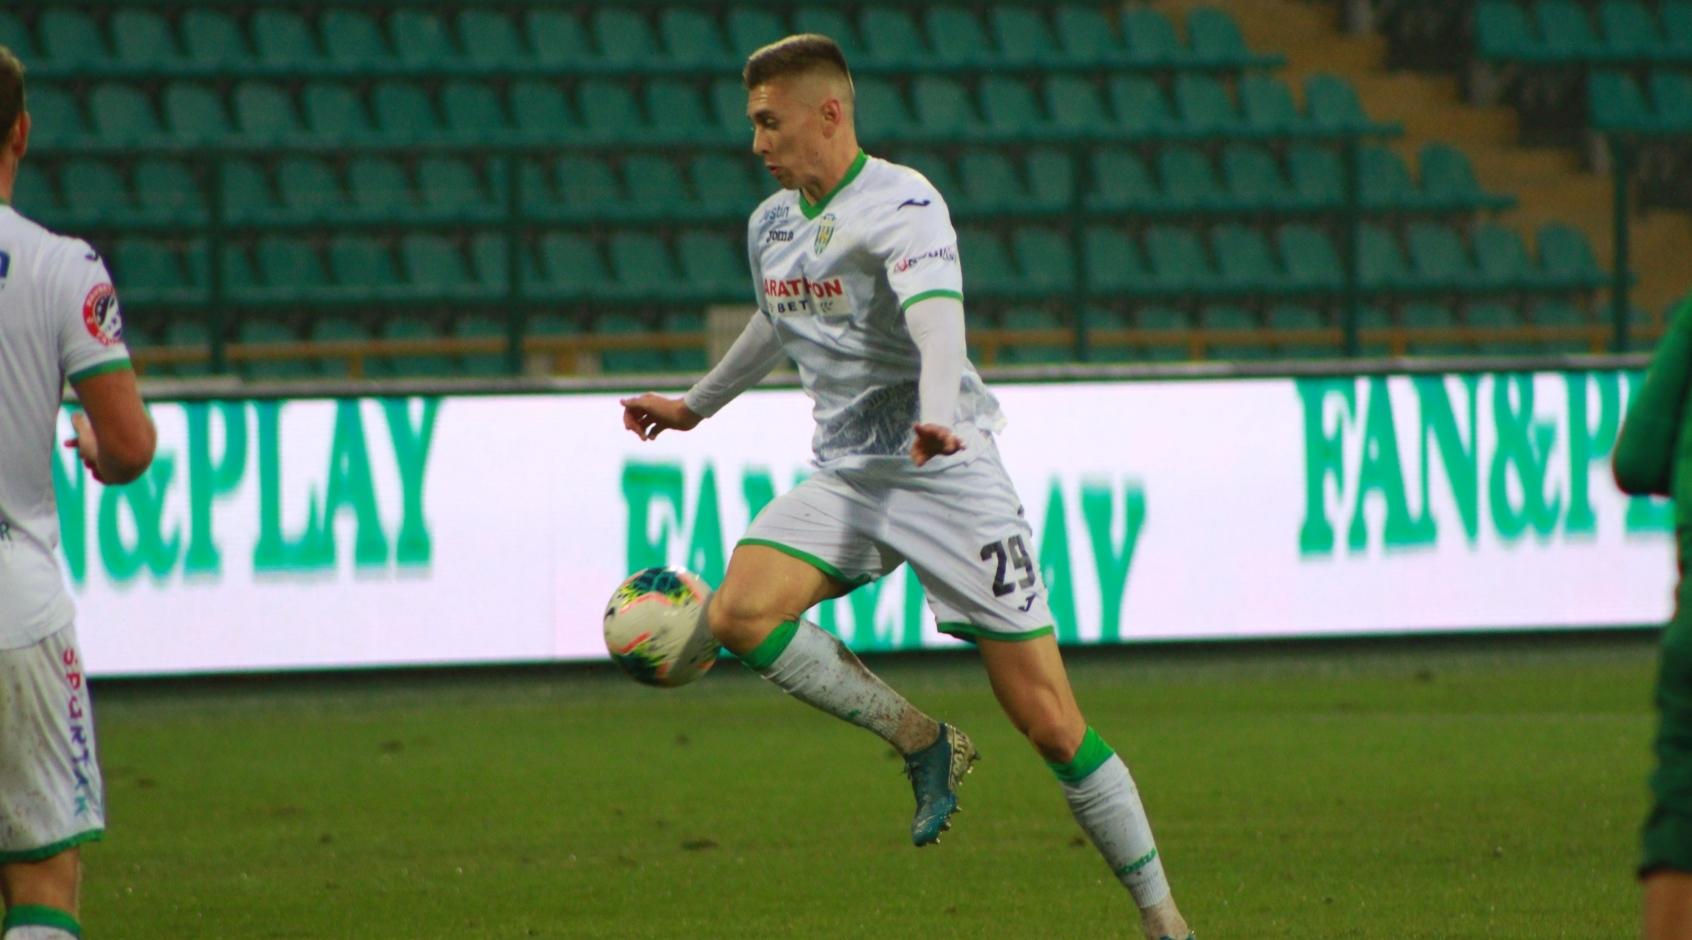 Молодые таланты УПЛ, или кто раскрылся в минувшем сезоне чемпионата Украины: часть вторая - изображение 8